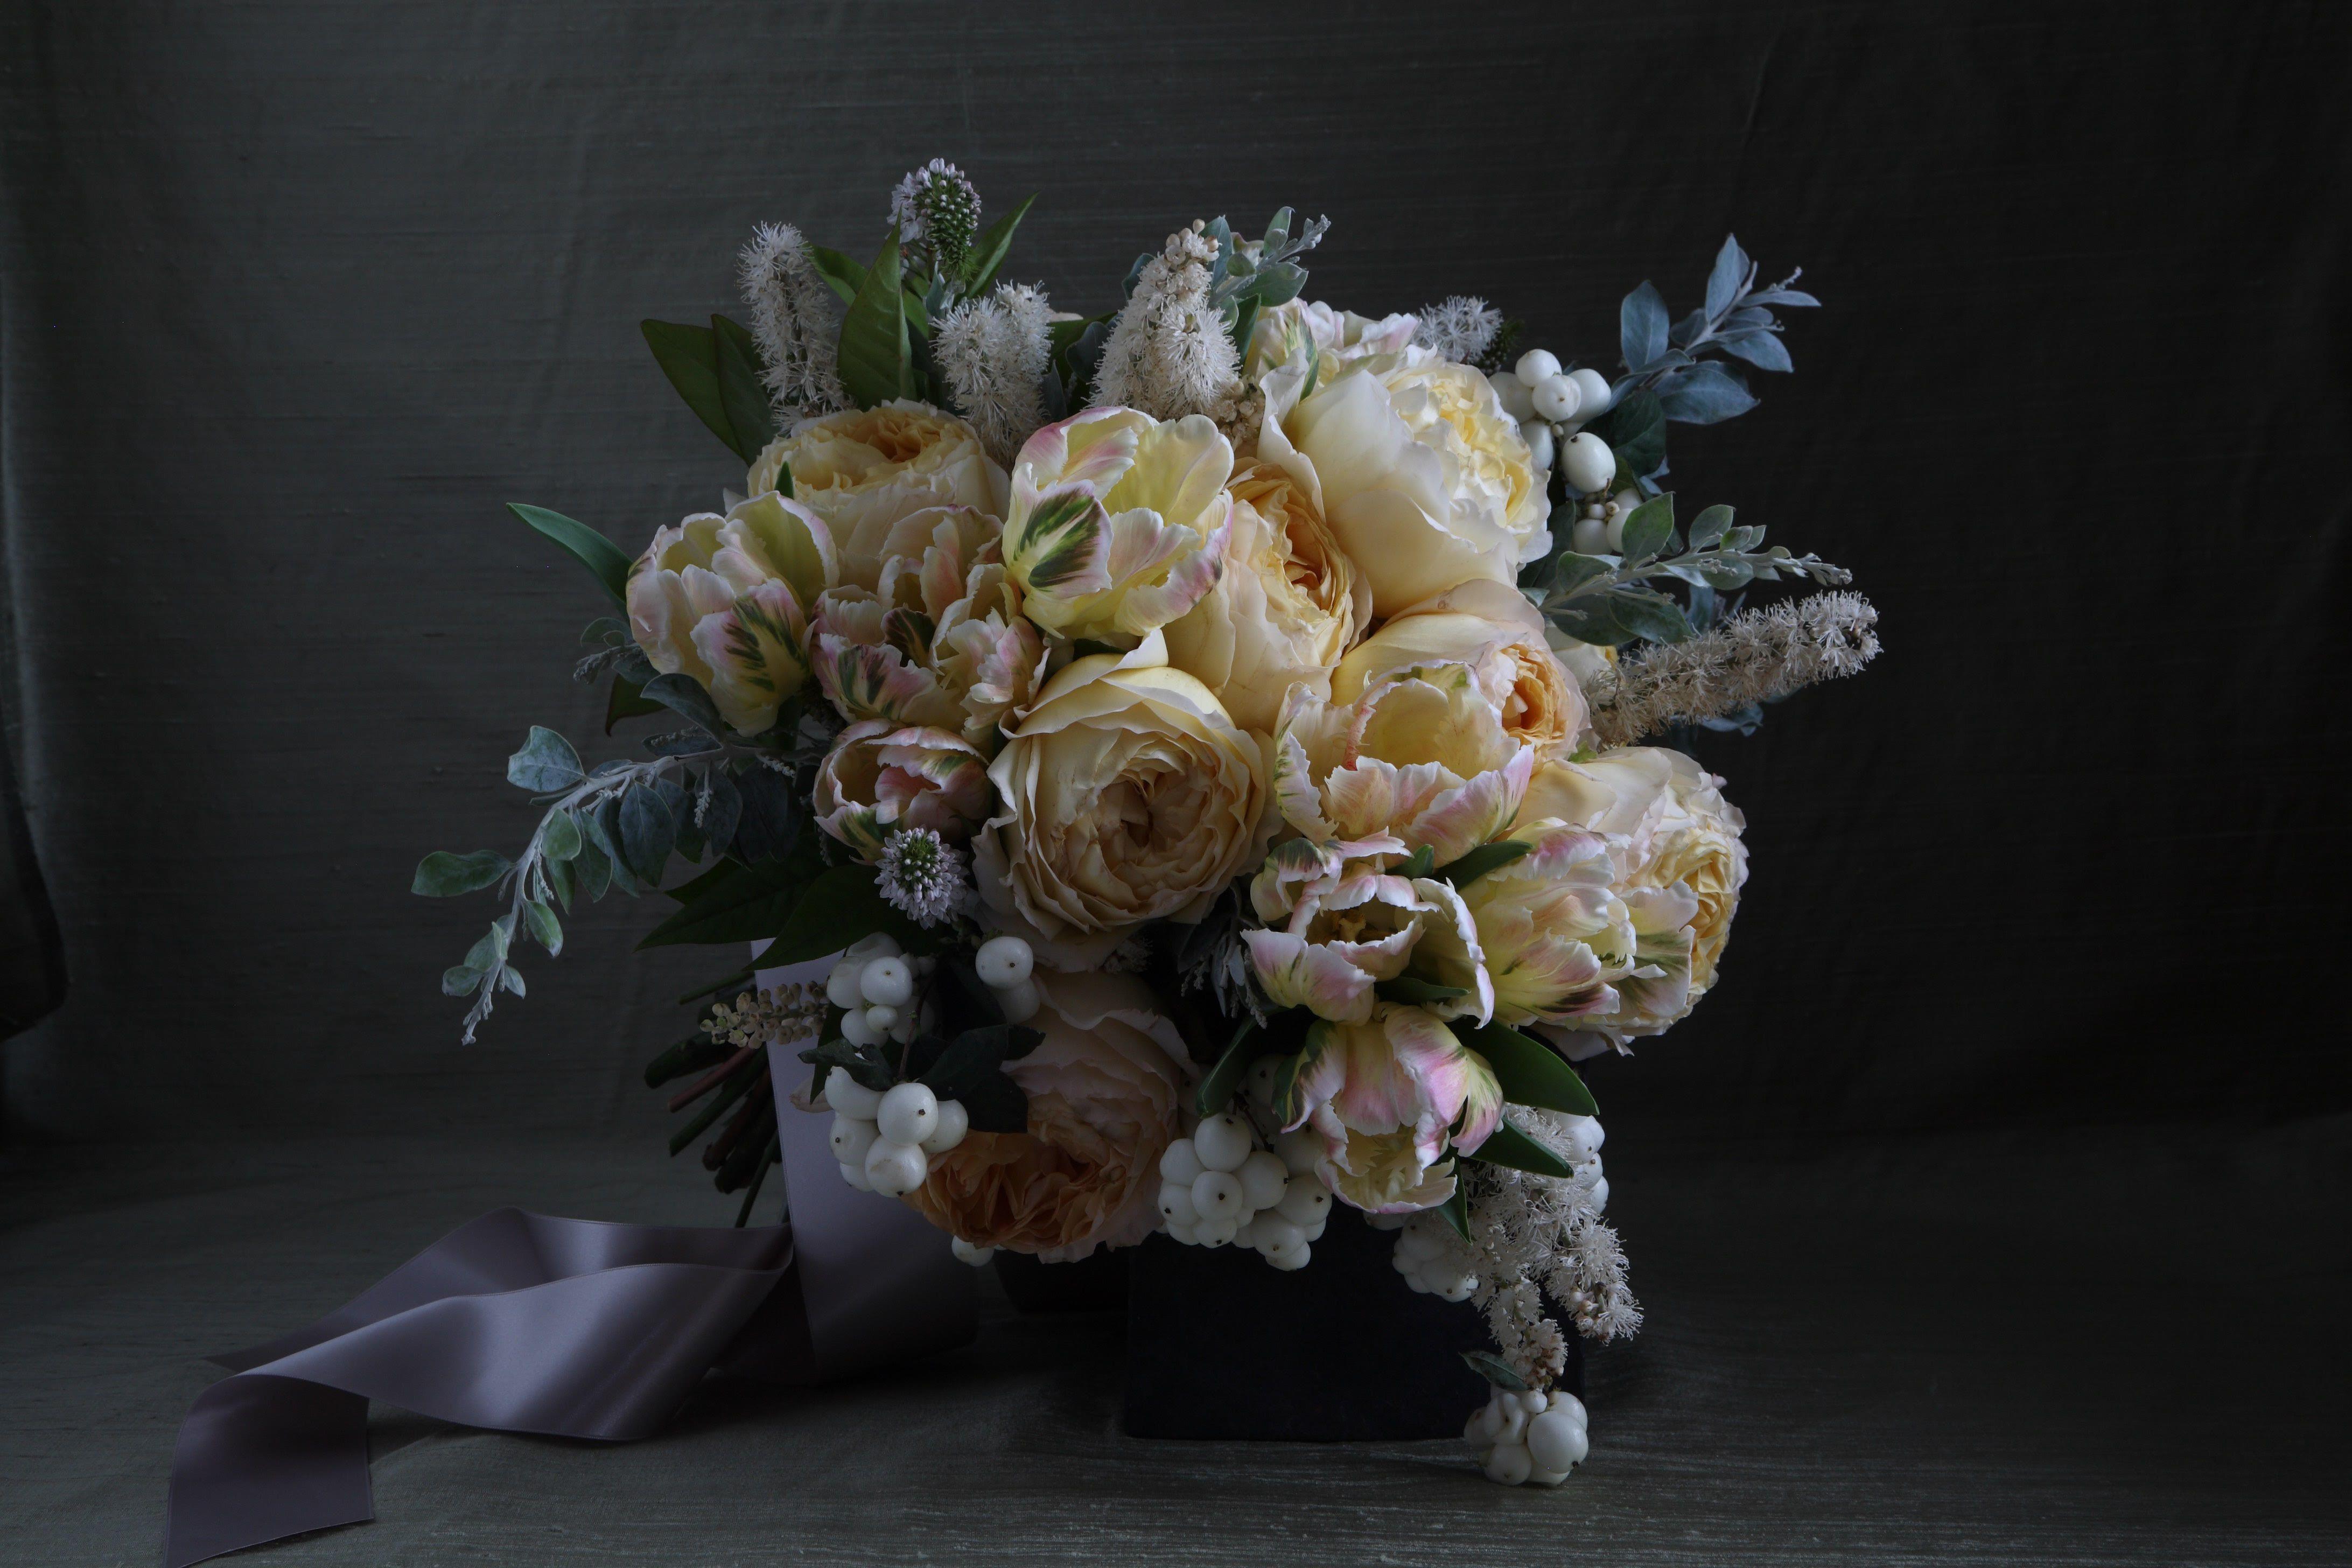 15 Fall Wedding Bouquets Best Bridal Flower Ideas For Fall Weddings